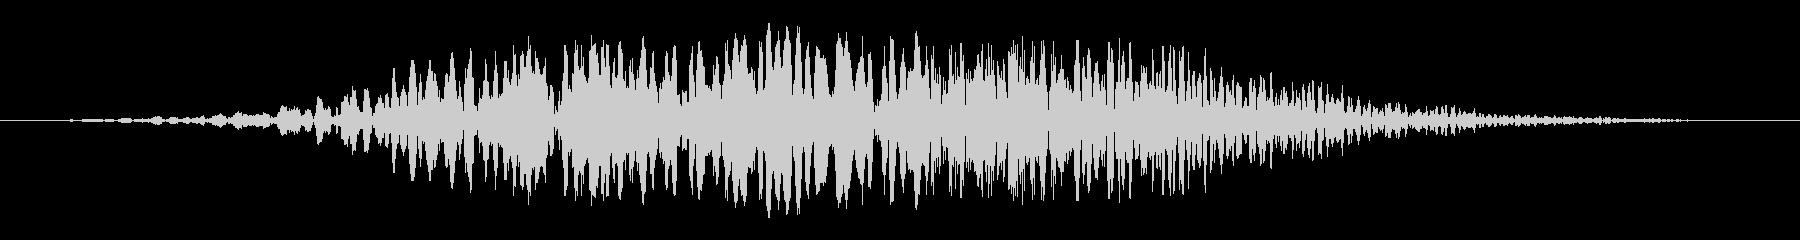 シンセ風の上昇する音の未再生の波形